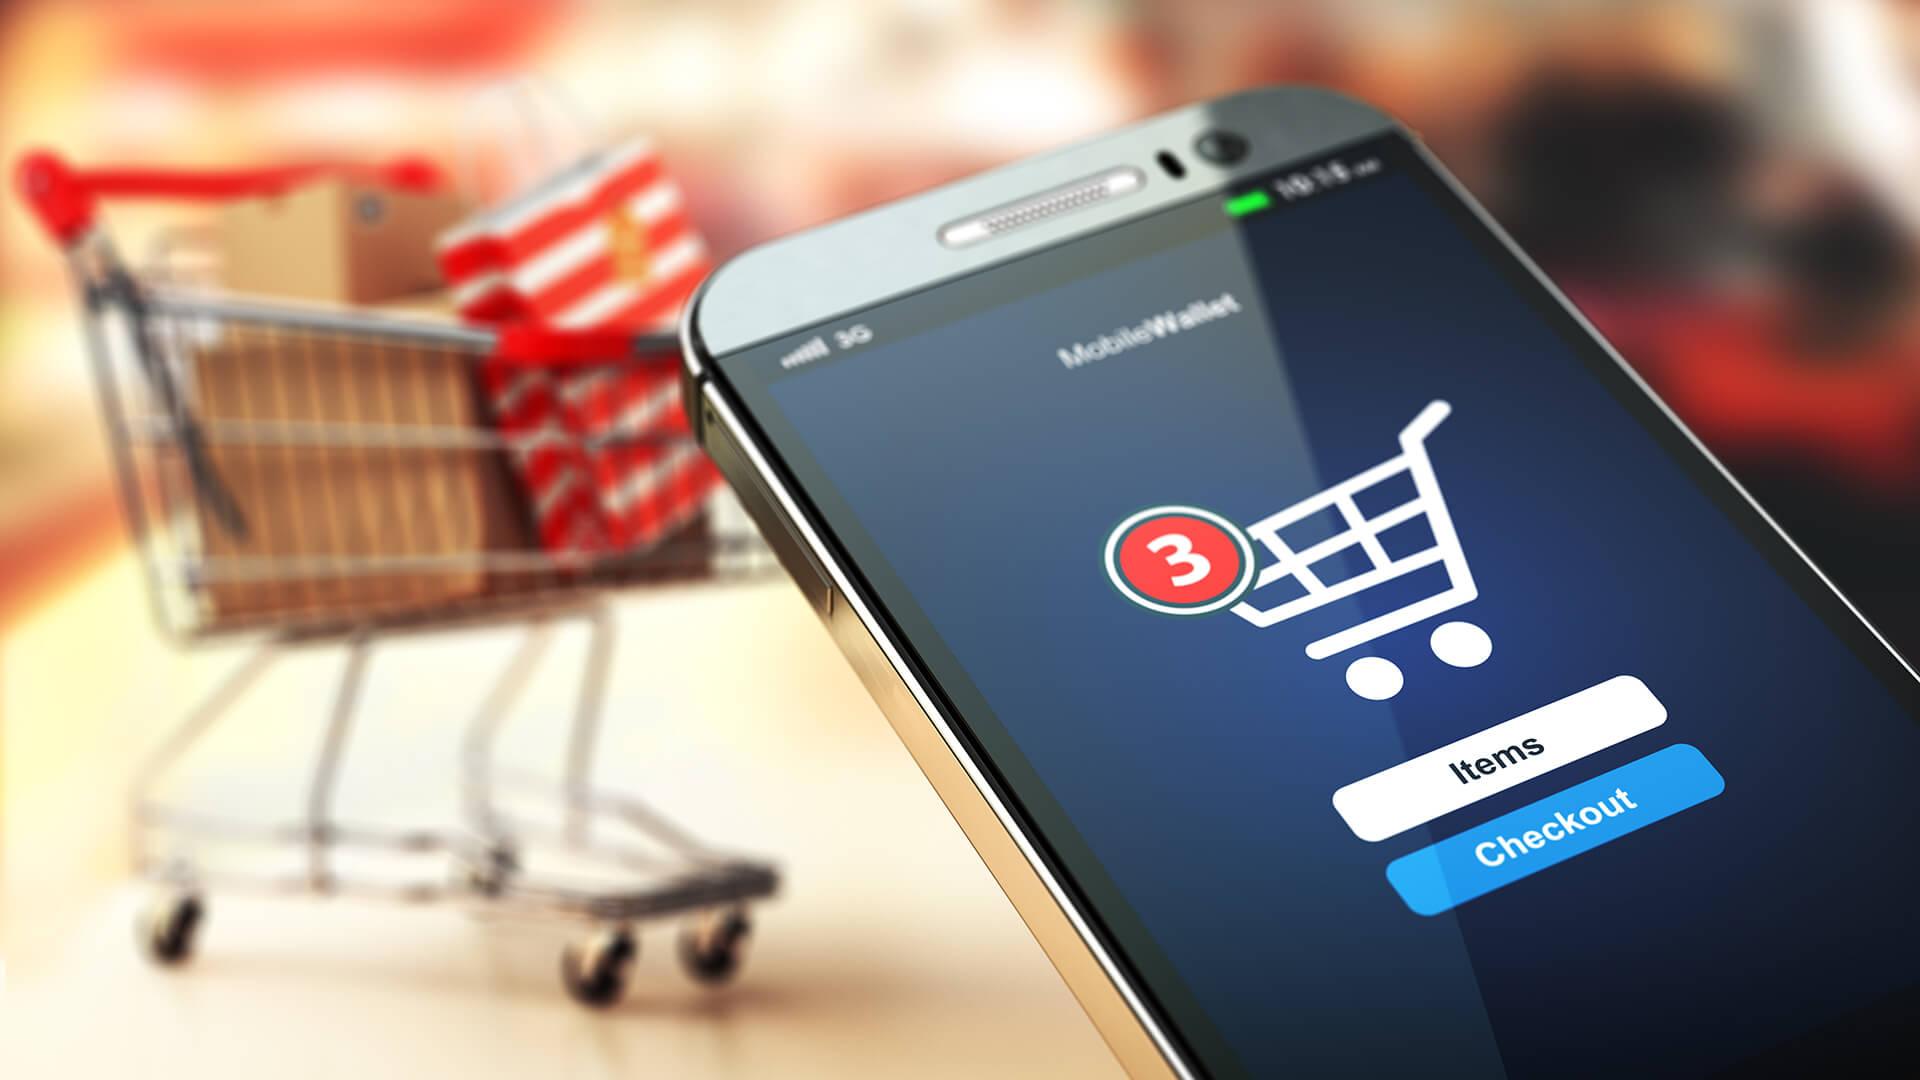 imagem com carrinho de compras au fundo e em primeiro plano um smartphone com uma tela de checkout.